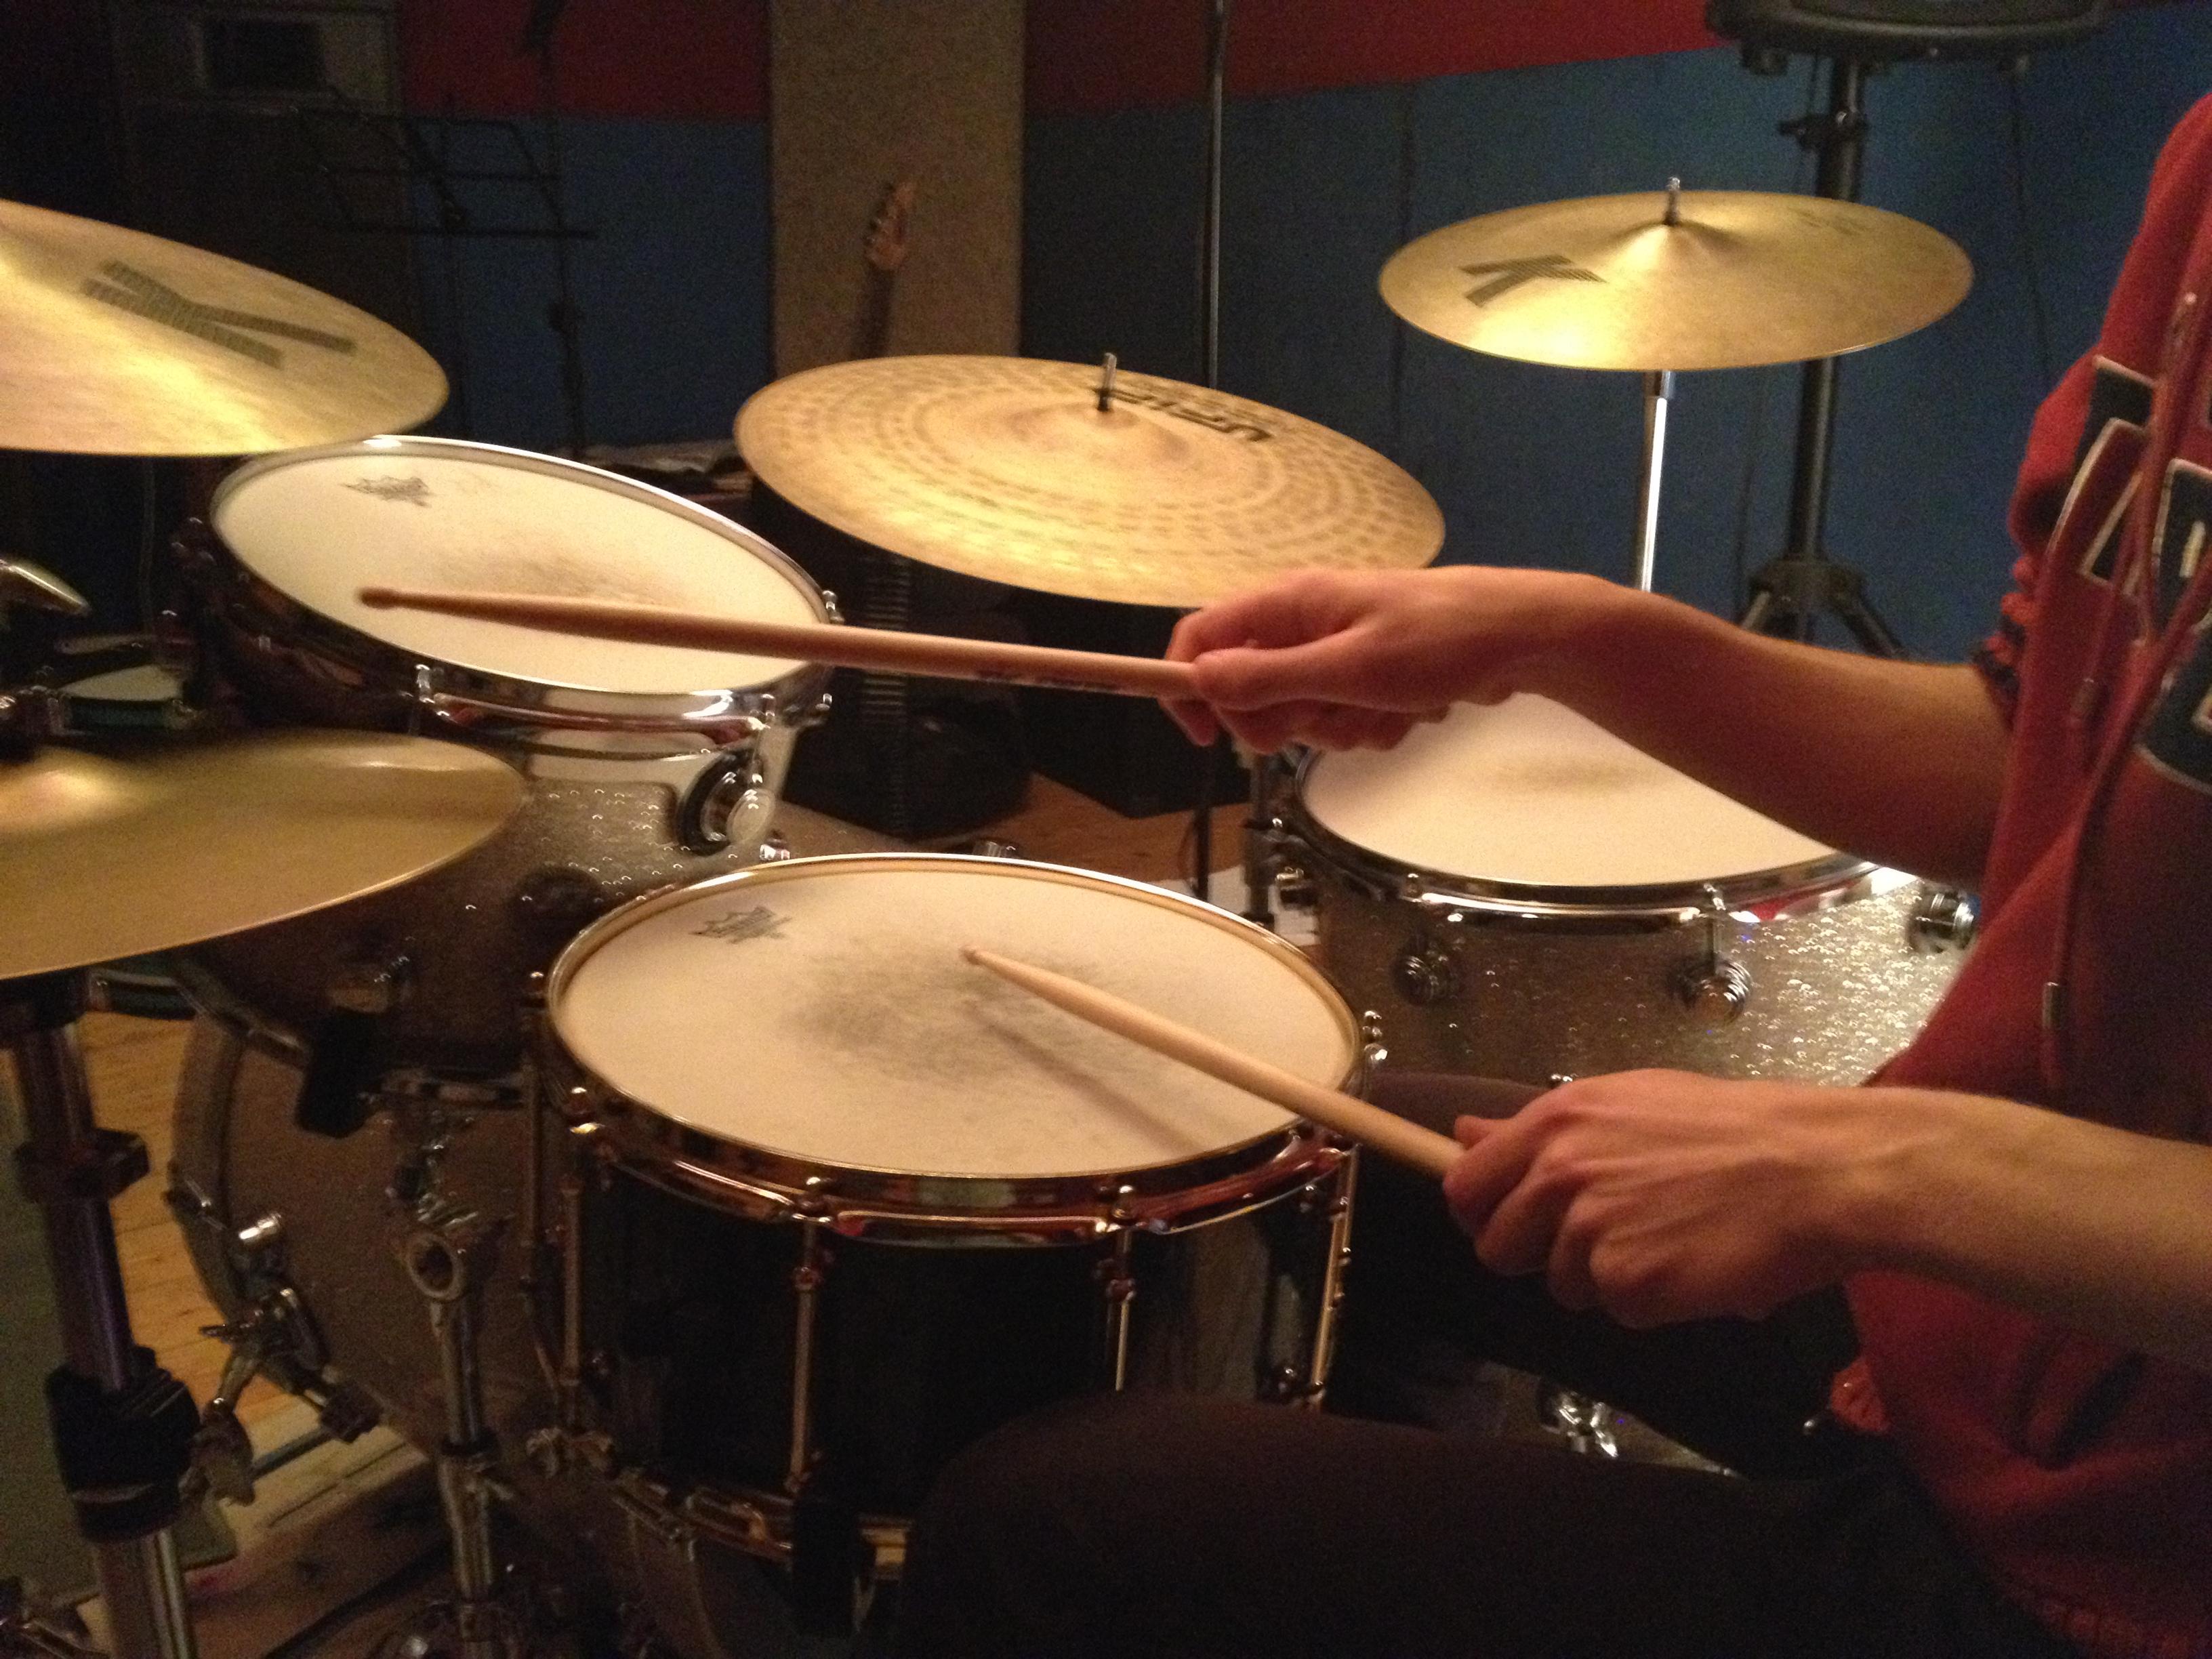 La postura del batterista moderno u2013 articolo tecnico u2013 a cura di